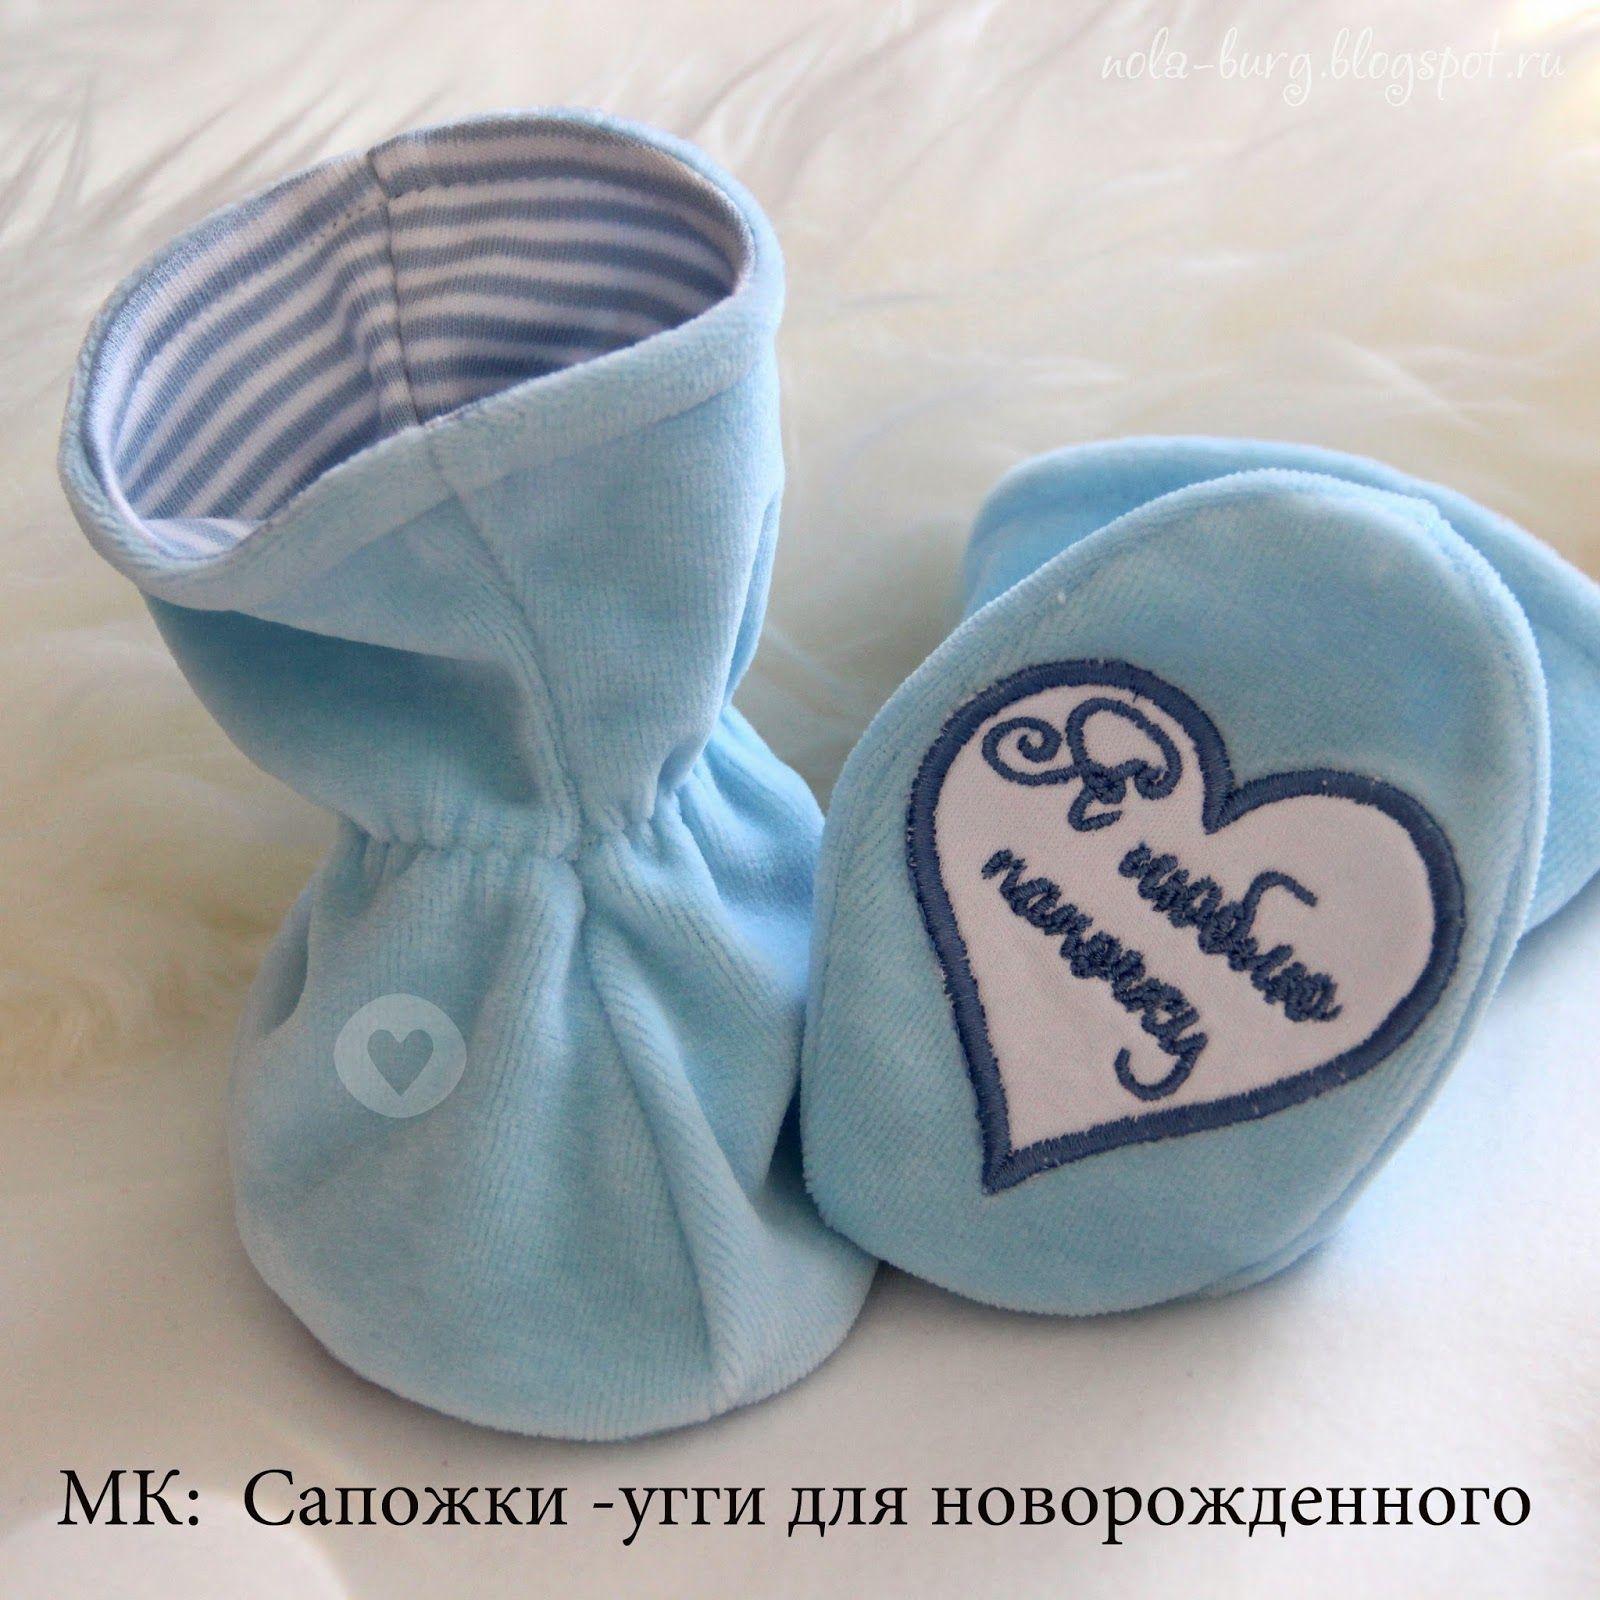 Из чего сшить подушку новорожденному